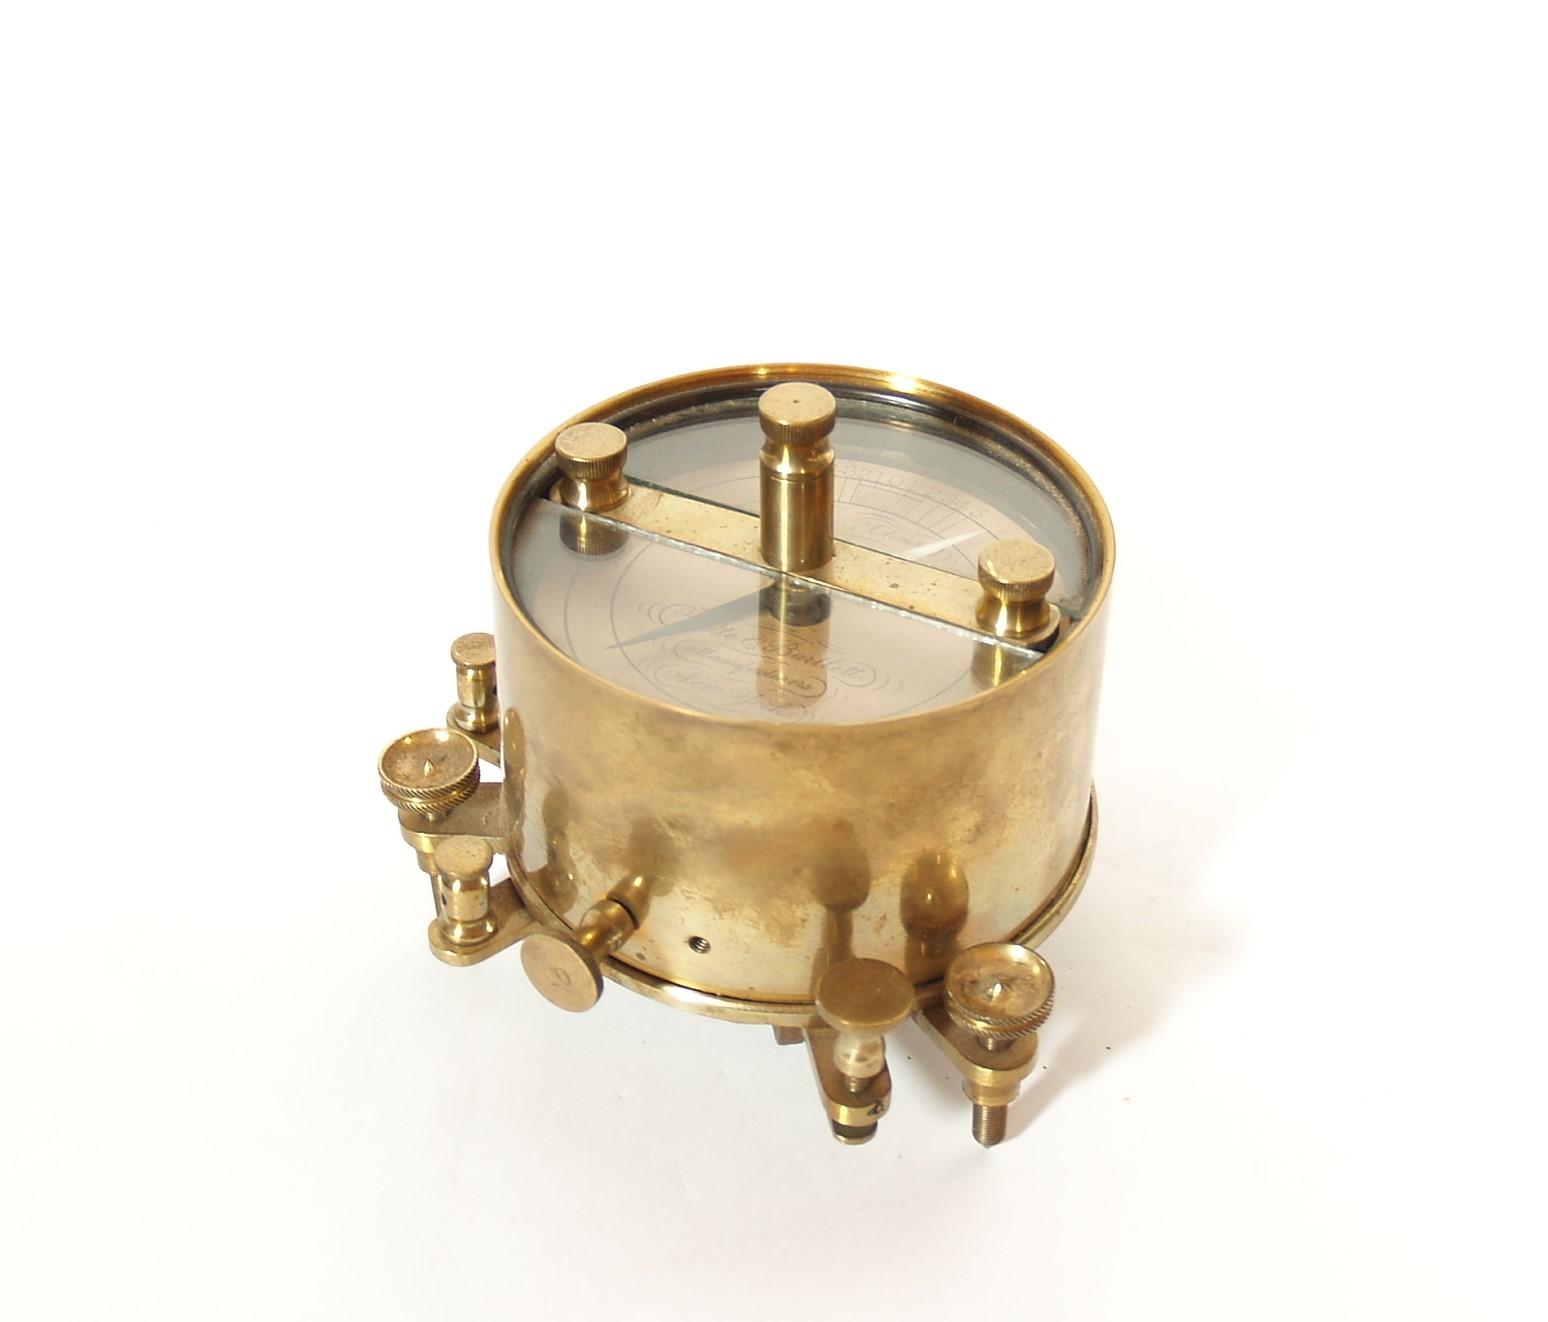 Waite & Bartlette Mili-Ampere Meter